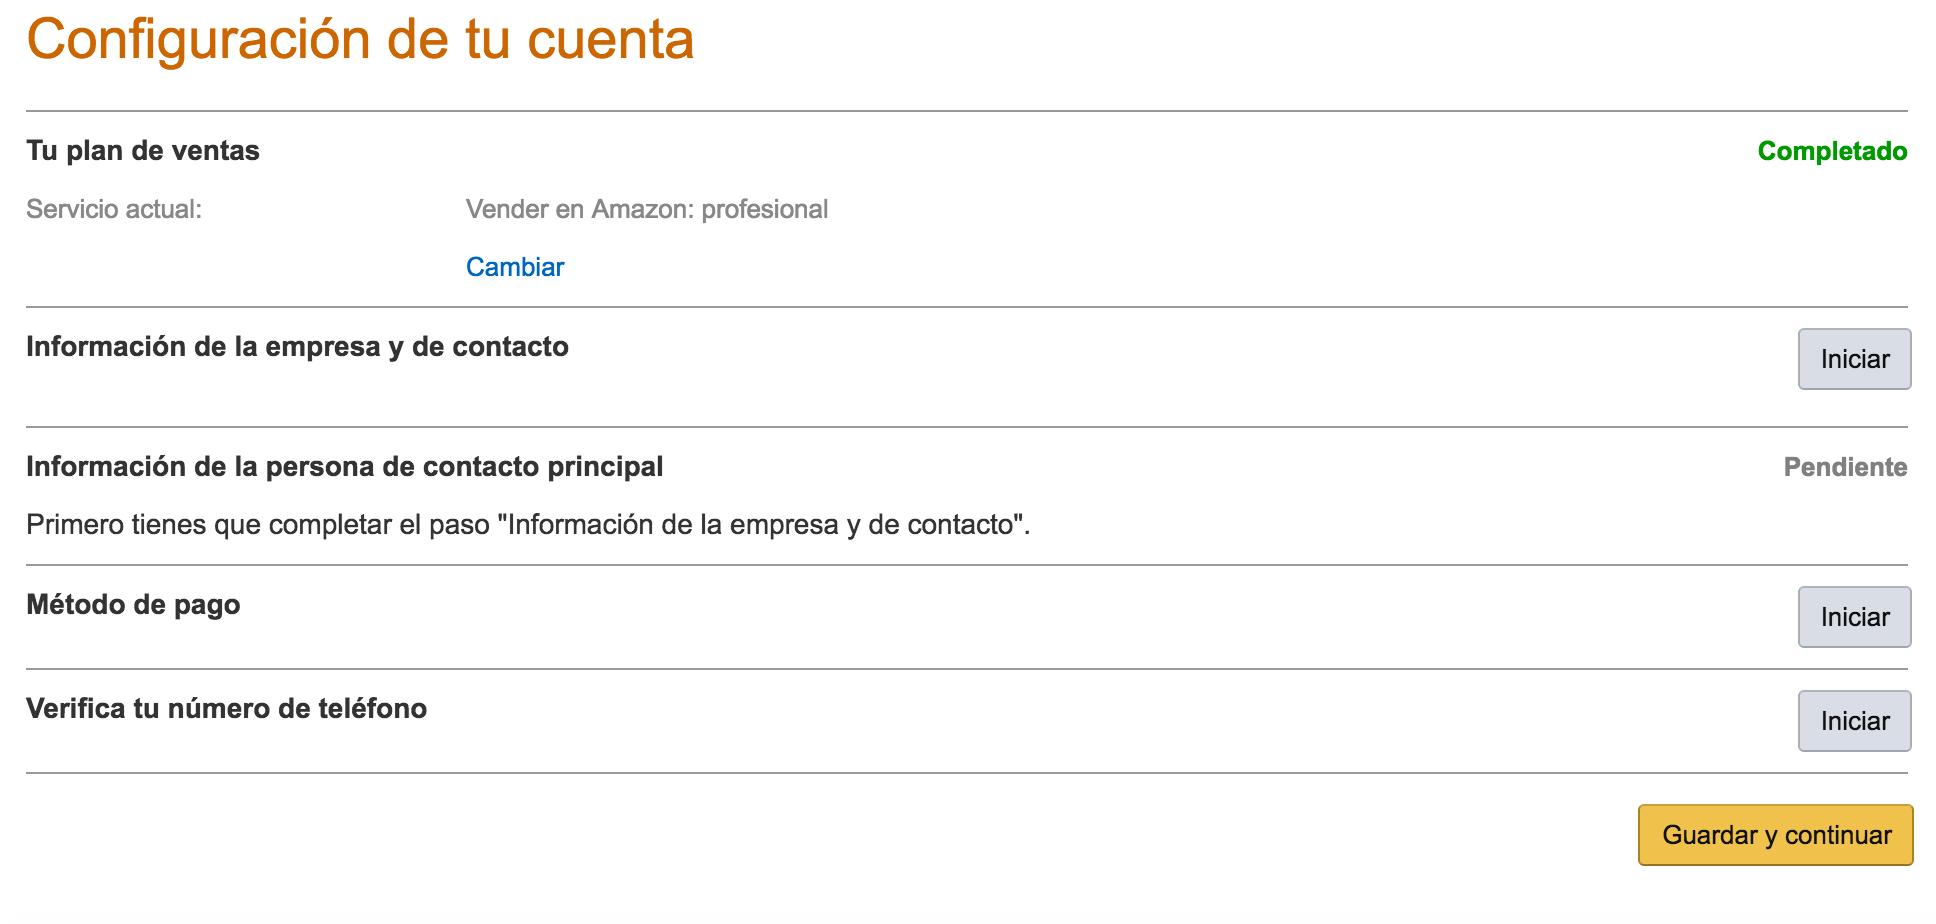 Configuración de tu cuenta de Amazon